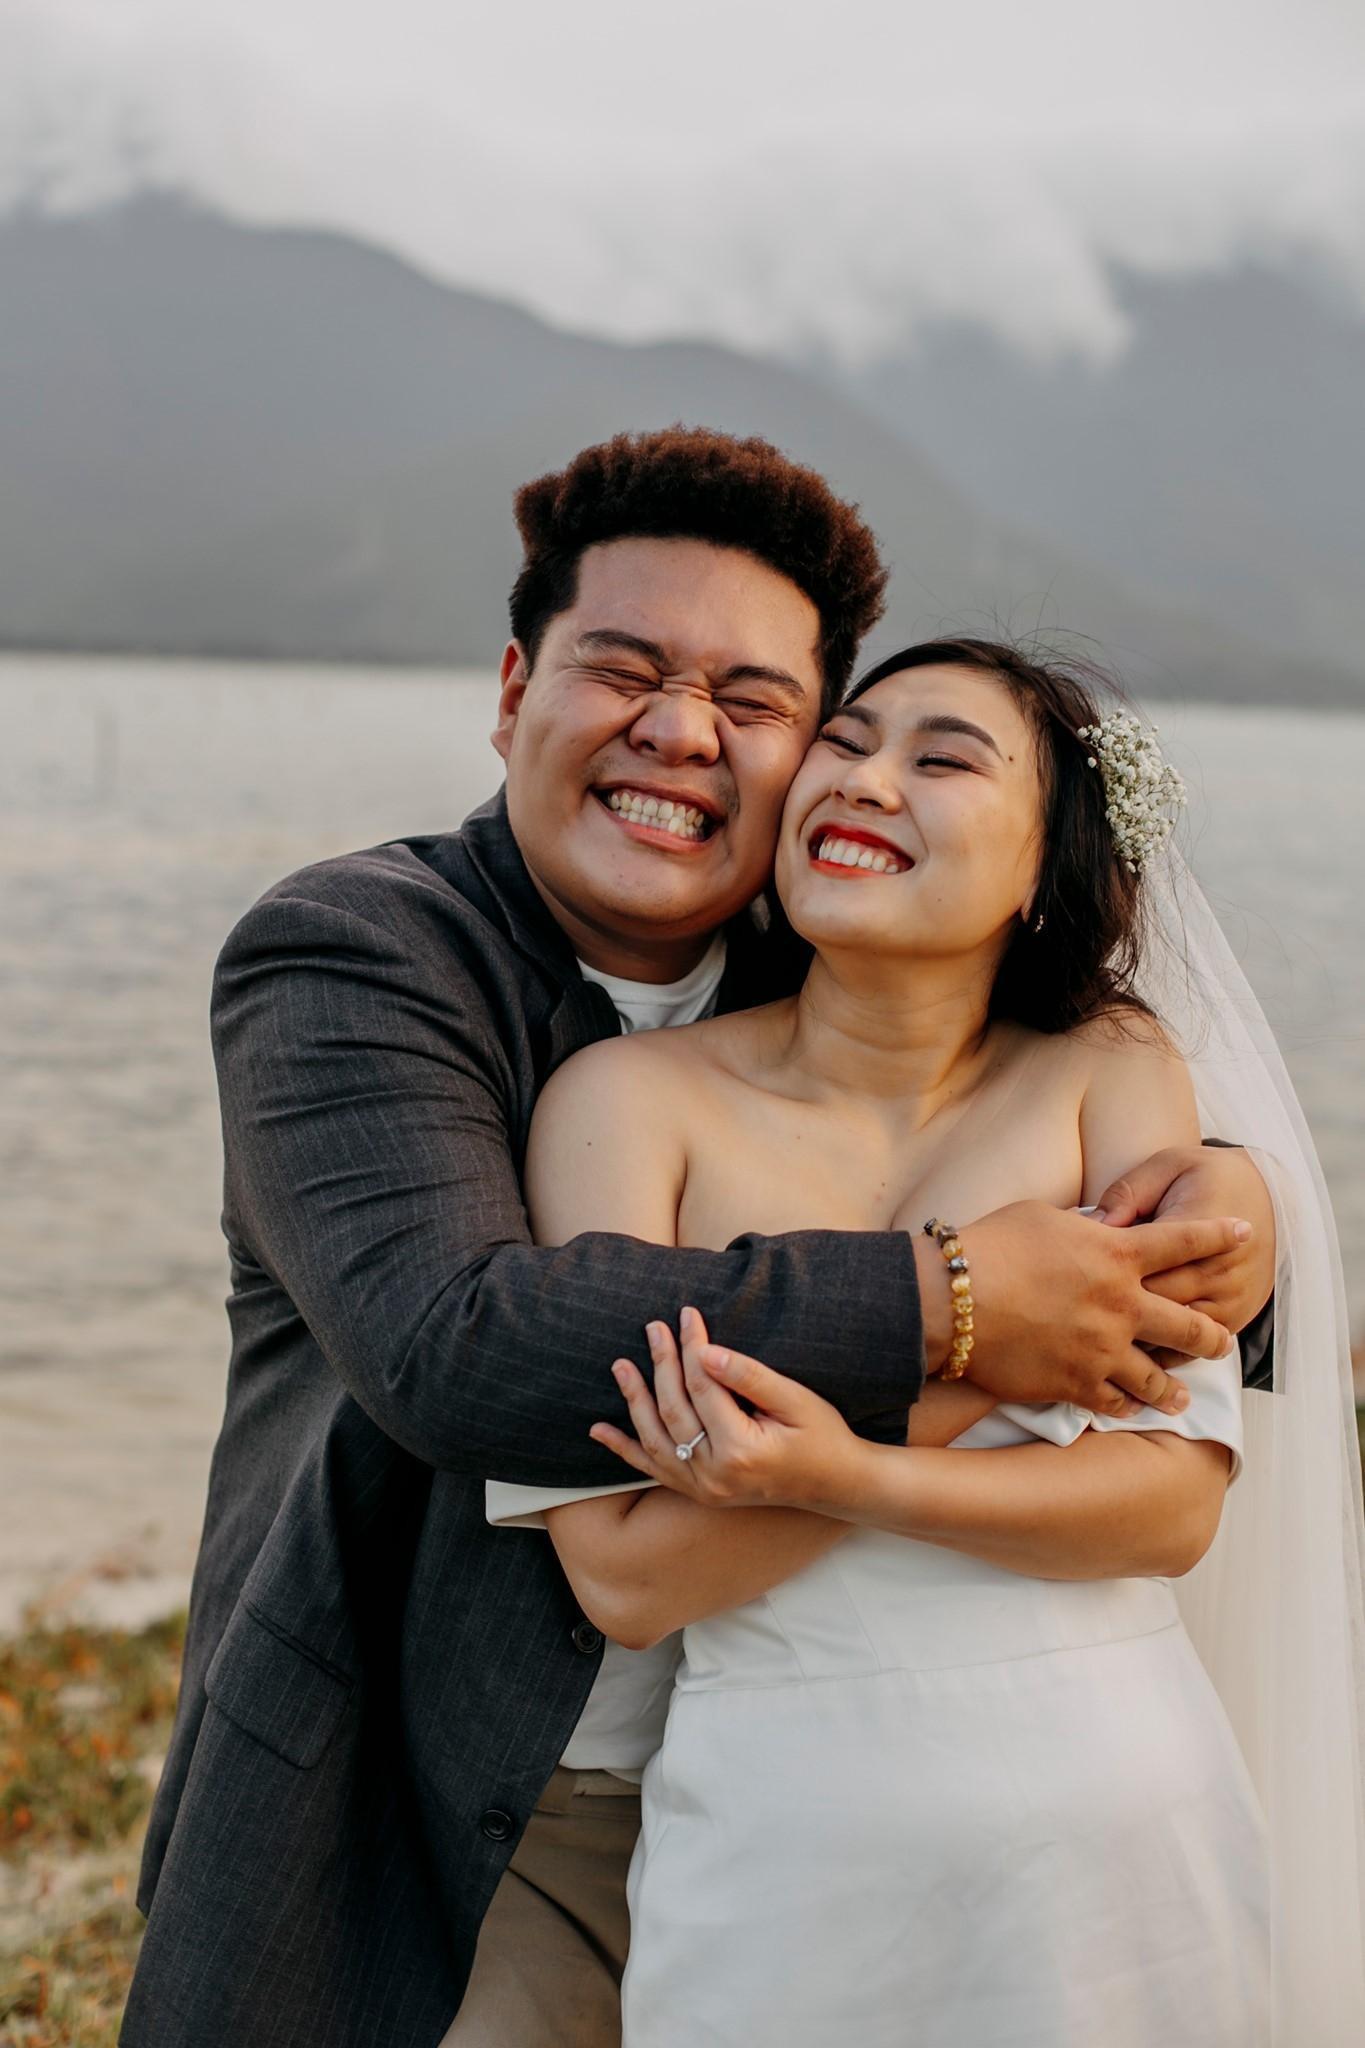 Mới nhất về Rap Việt: 16Typh hiền khô với tóc đen, Yuno Big Boi sắp rước vợ về nhà Ảnh 5